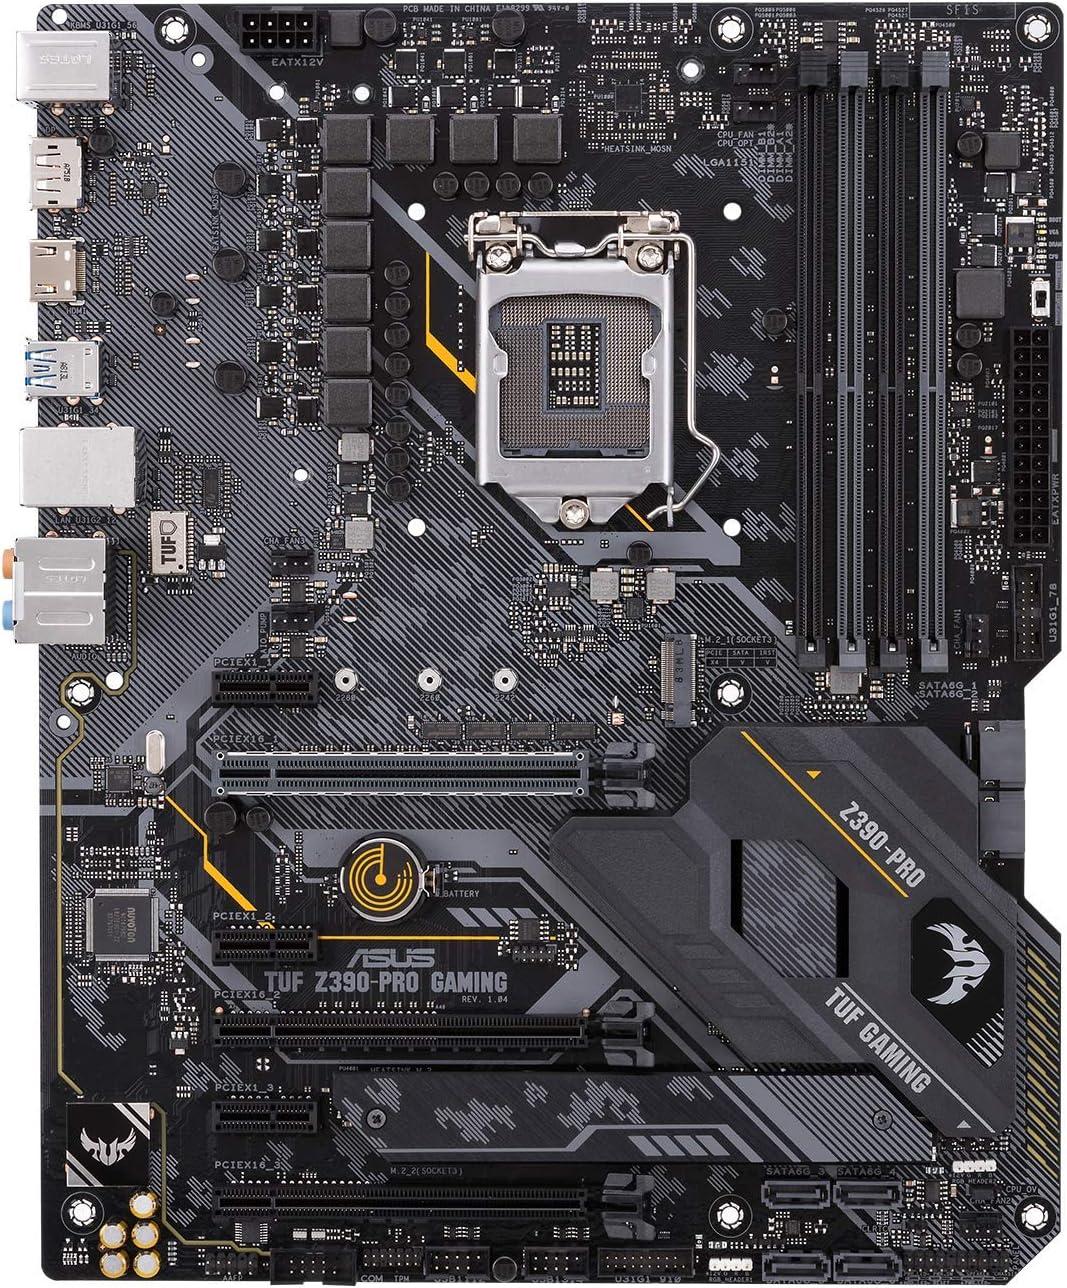 ASUS TUF Z390-PRO GAMING - Placa base Gaming ATX Intel de 8a y 9a gen. LGA1151 con OptiMem II, iluminación Aura Sync RGB, DDR4 4266+ MHz, M.2 a 32 Gbps, Intel Optane memory y USB 3.1 Gen. 2 nativo